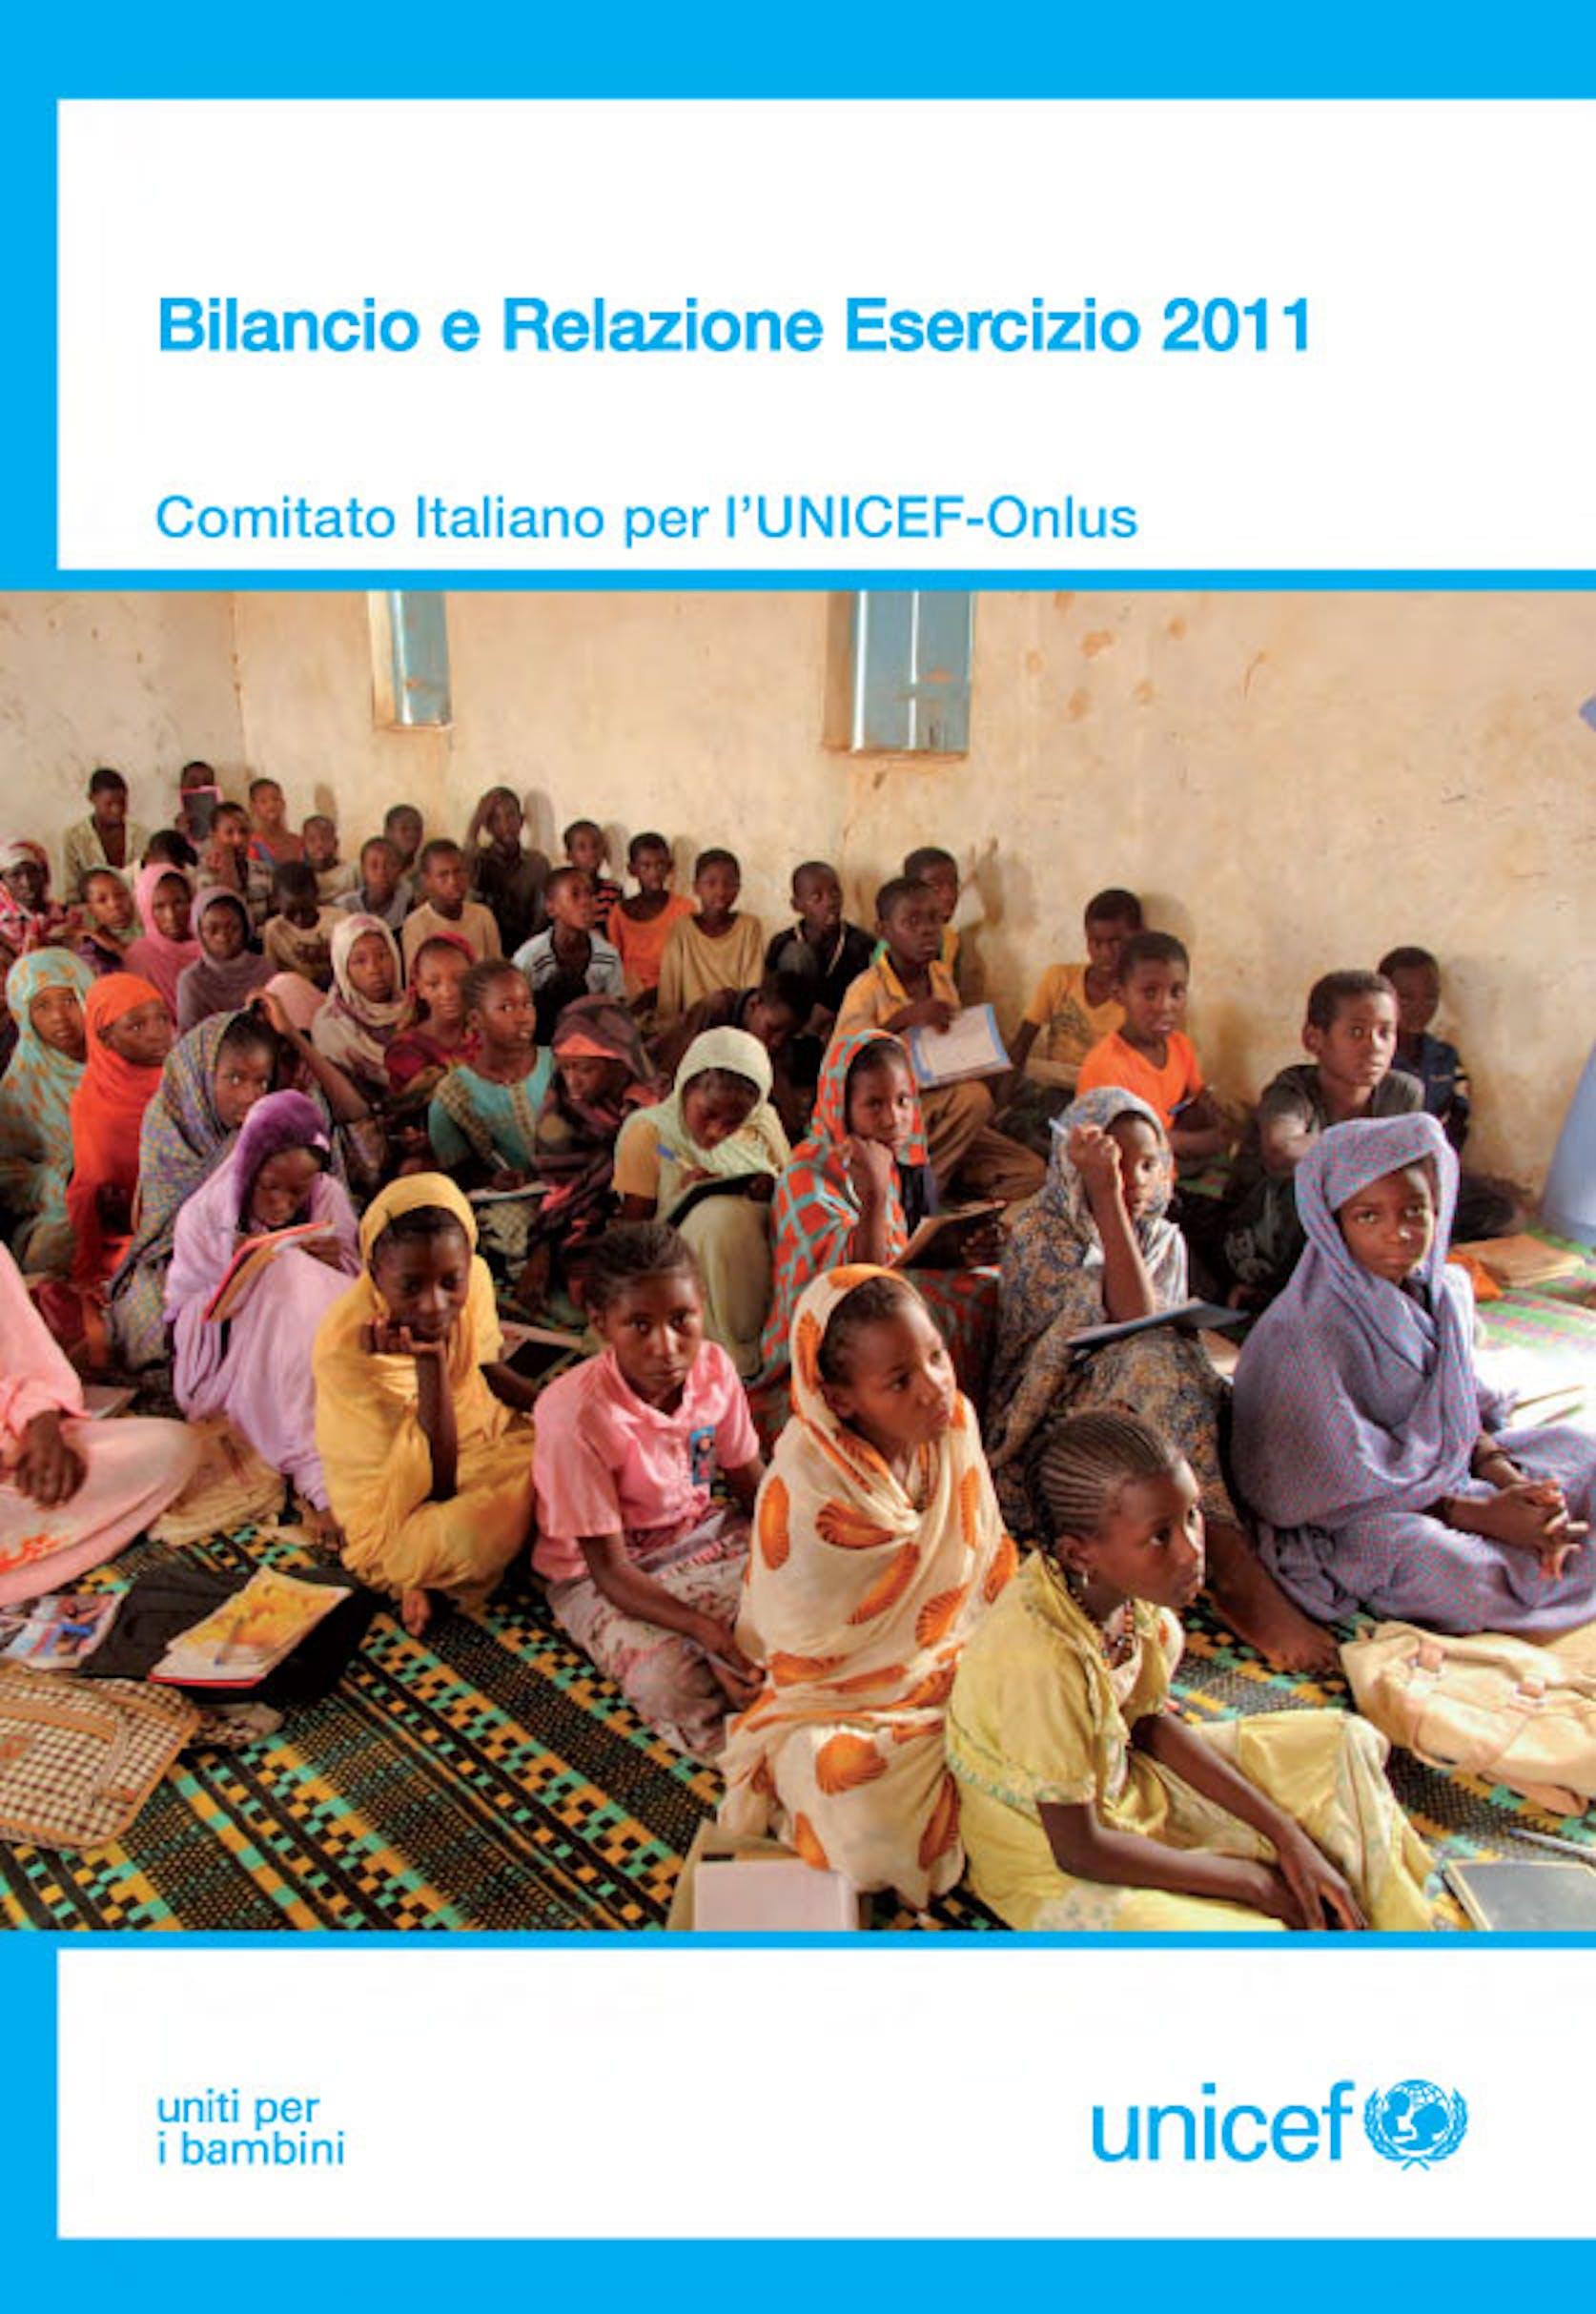 Bilancio Amministrativo  2012 dell'UNICEF Italia